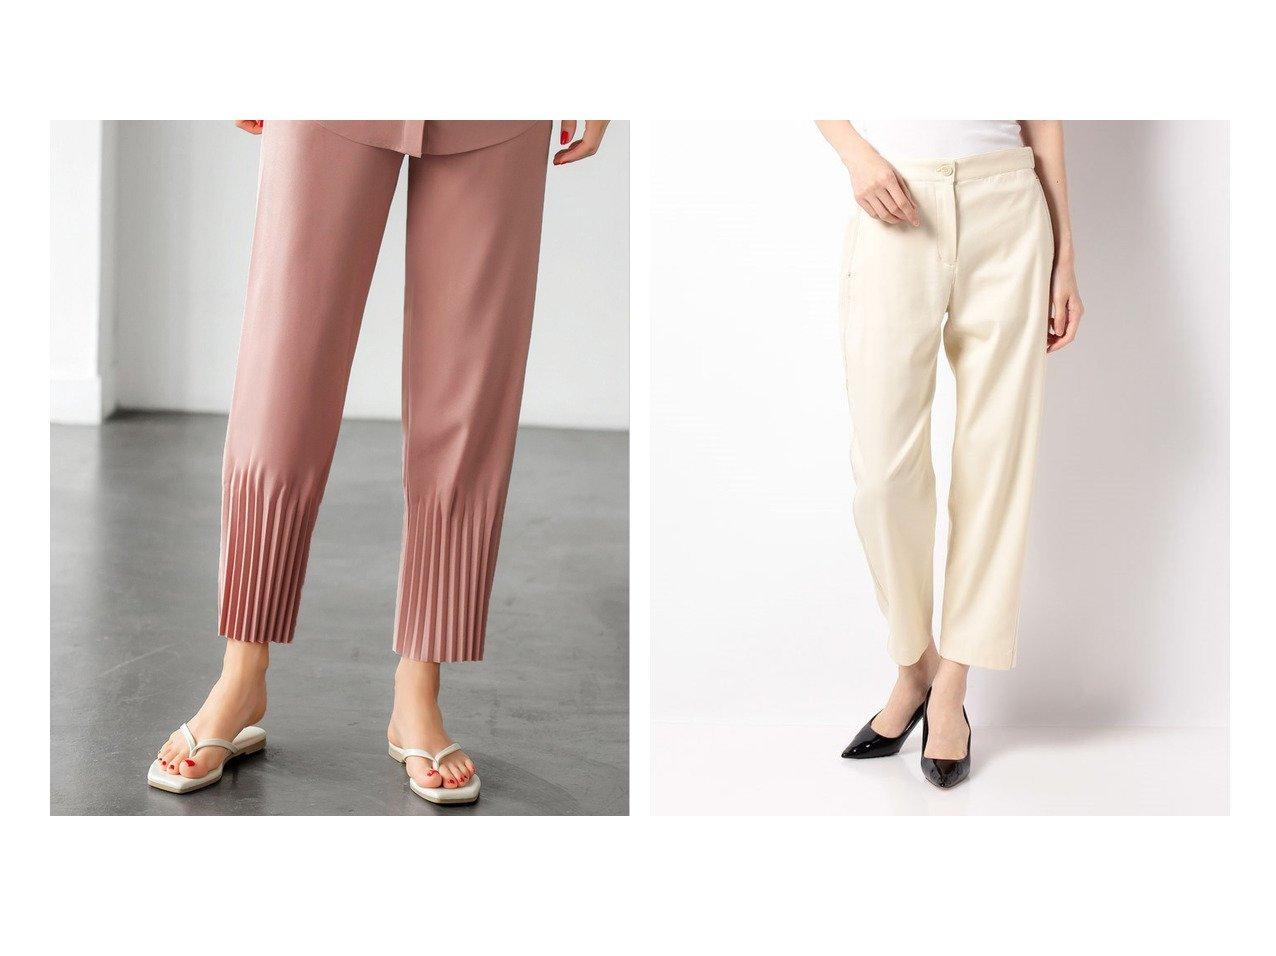 【theory/セオリー】のパンツ DRAPE COTTON TWL CURVE PA&【STYLE DELI/スタイルデリ】のジョーゼット裾プリーツパンツ 【パンツ】おすすめ!人気、トレンド・レディースファッションの通販 おすすめで人気の流行・トレンド、ファッションの通販商品 インテリア・家具・メンズファッション・キッズファッション・レディースファッション・服の通販 founy(ファニー) https://founy.com/ ファッション Fashion レディースファッション WOMEN パンツ Pants クール ジョーゼット スタイリッシュ セットアップ タオル 定番 Standard 人気 パープル フロント プリーツ ポケット 半袖 夏 Summer お家時間・ステイホーム Home Time/Stay Home ストレッチ ドレープ フィット  ID:crp329100000060463